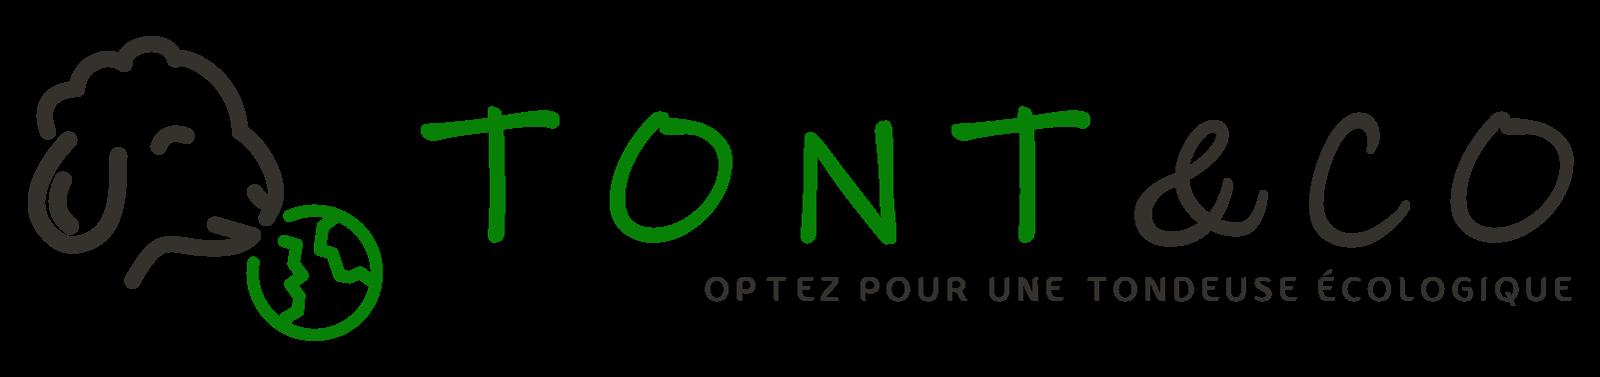 Tont&Co